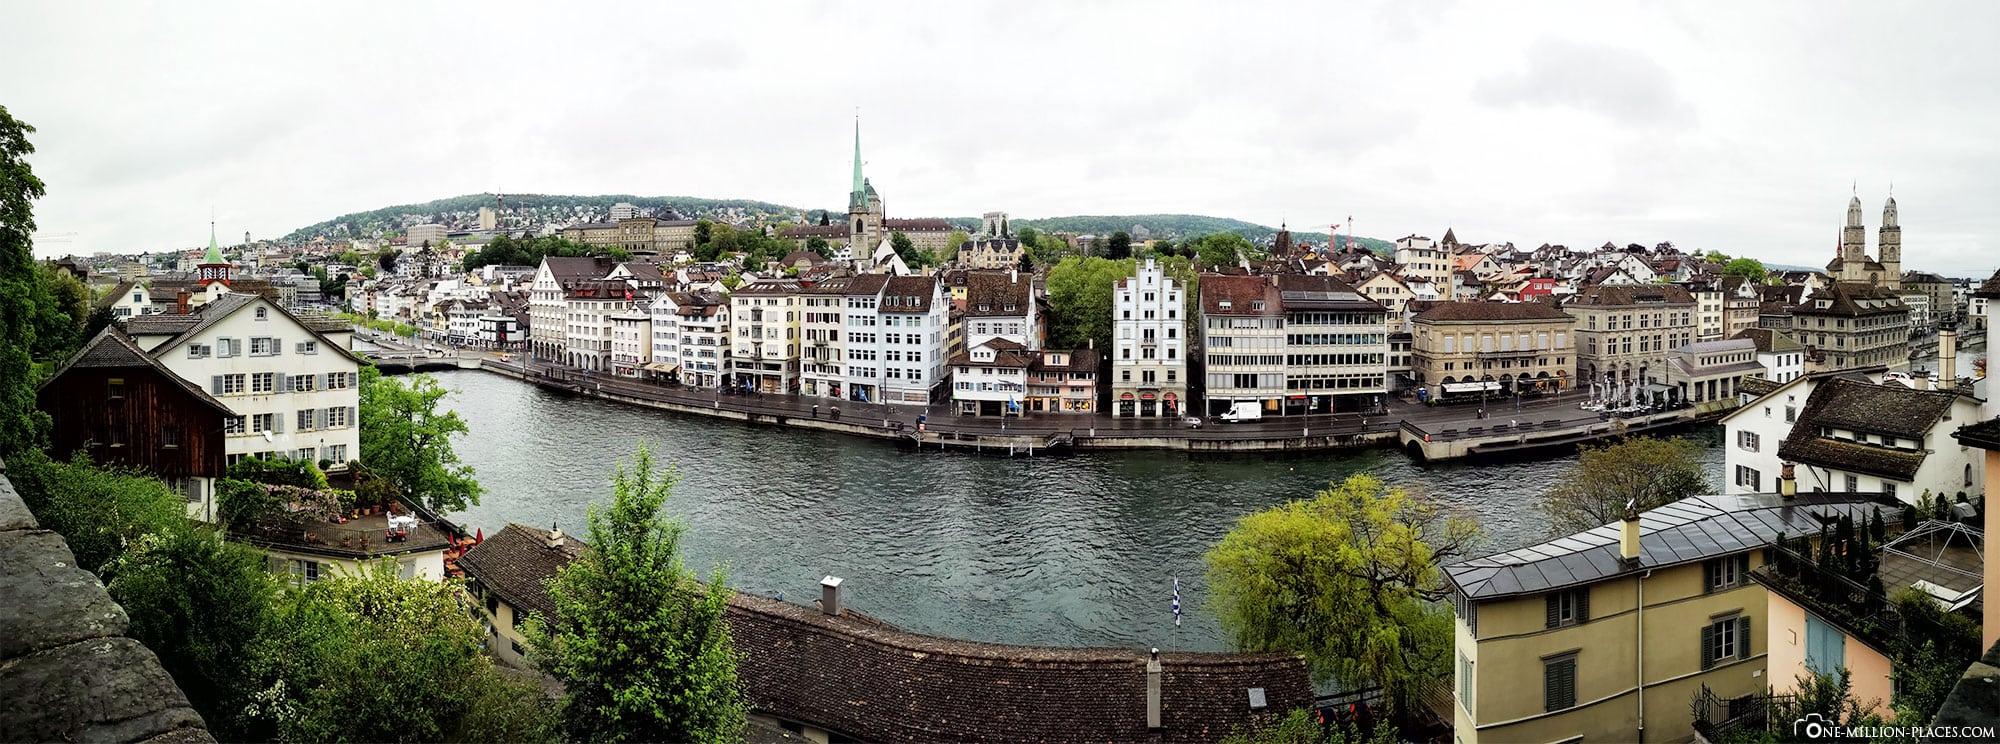 Panorama, Lindenhof, Aussicht, Zürich, Altstadt, Sehenswürdigkeiten, Fotospots, Schweiz, Reiseblog